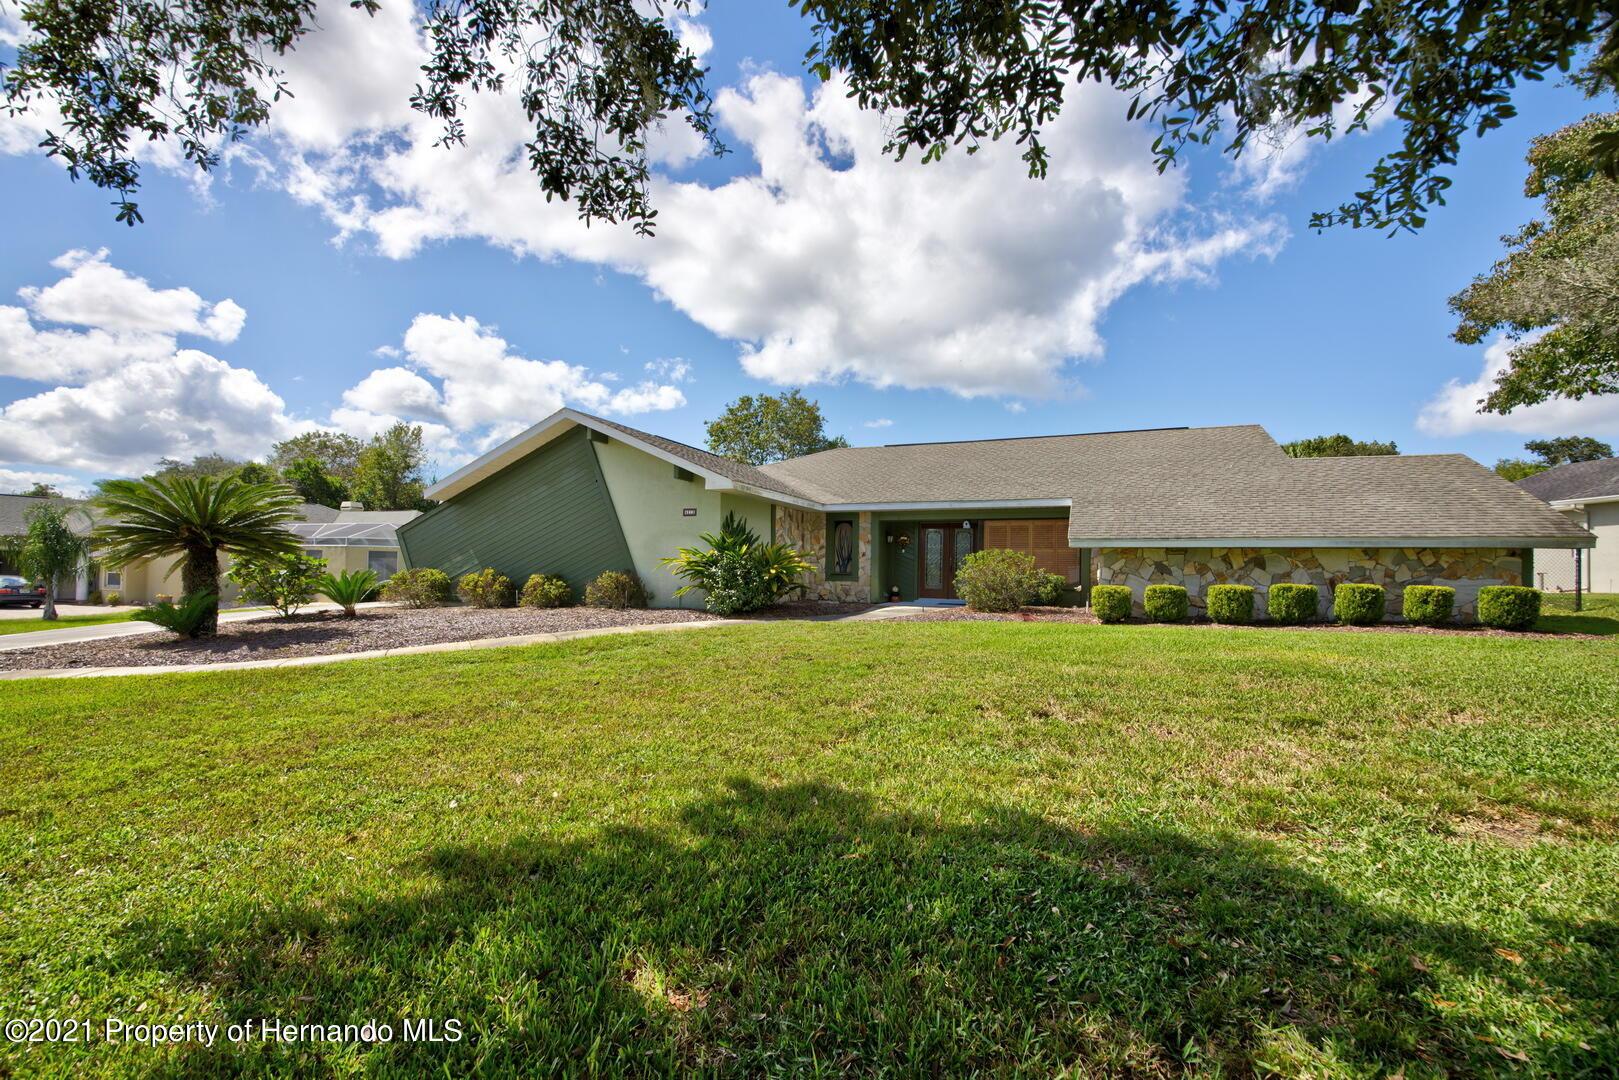 Details for 8212 Delaware Drive, Spring Hill, FL 34607